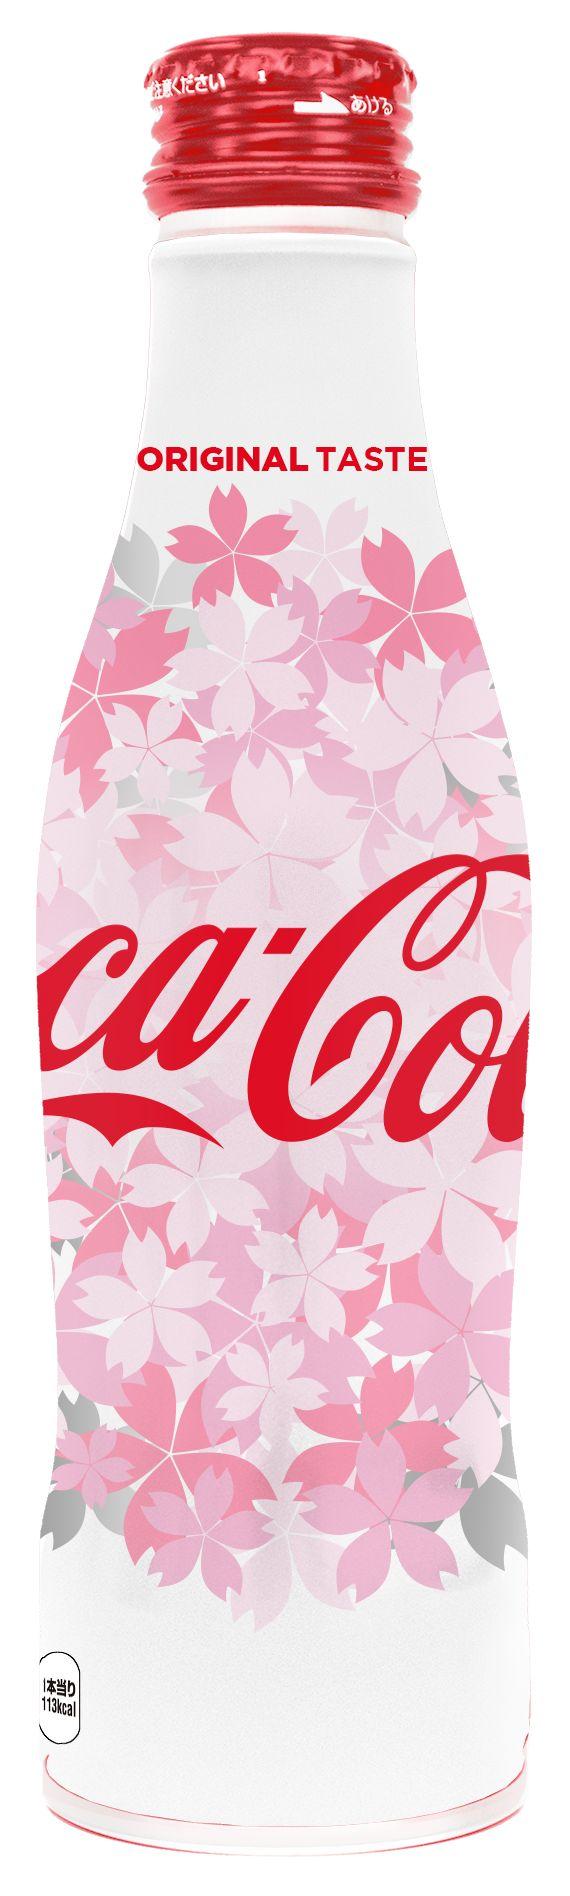 「コカ・コーラ」スリムボトル 桜デザイン